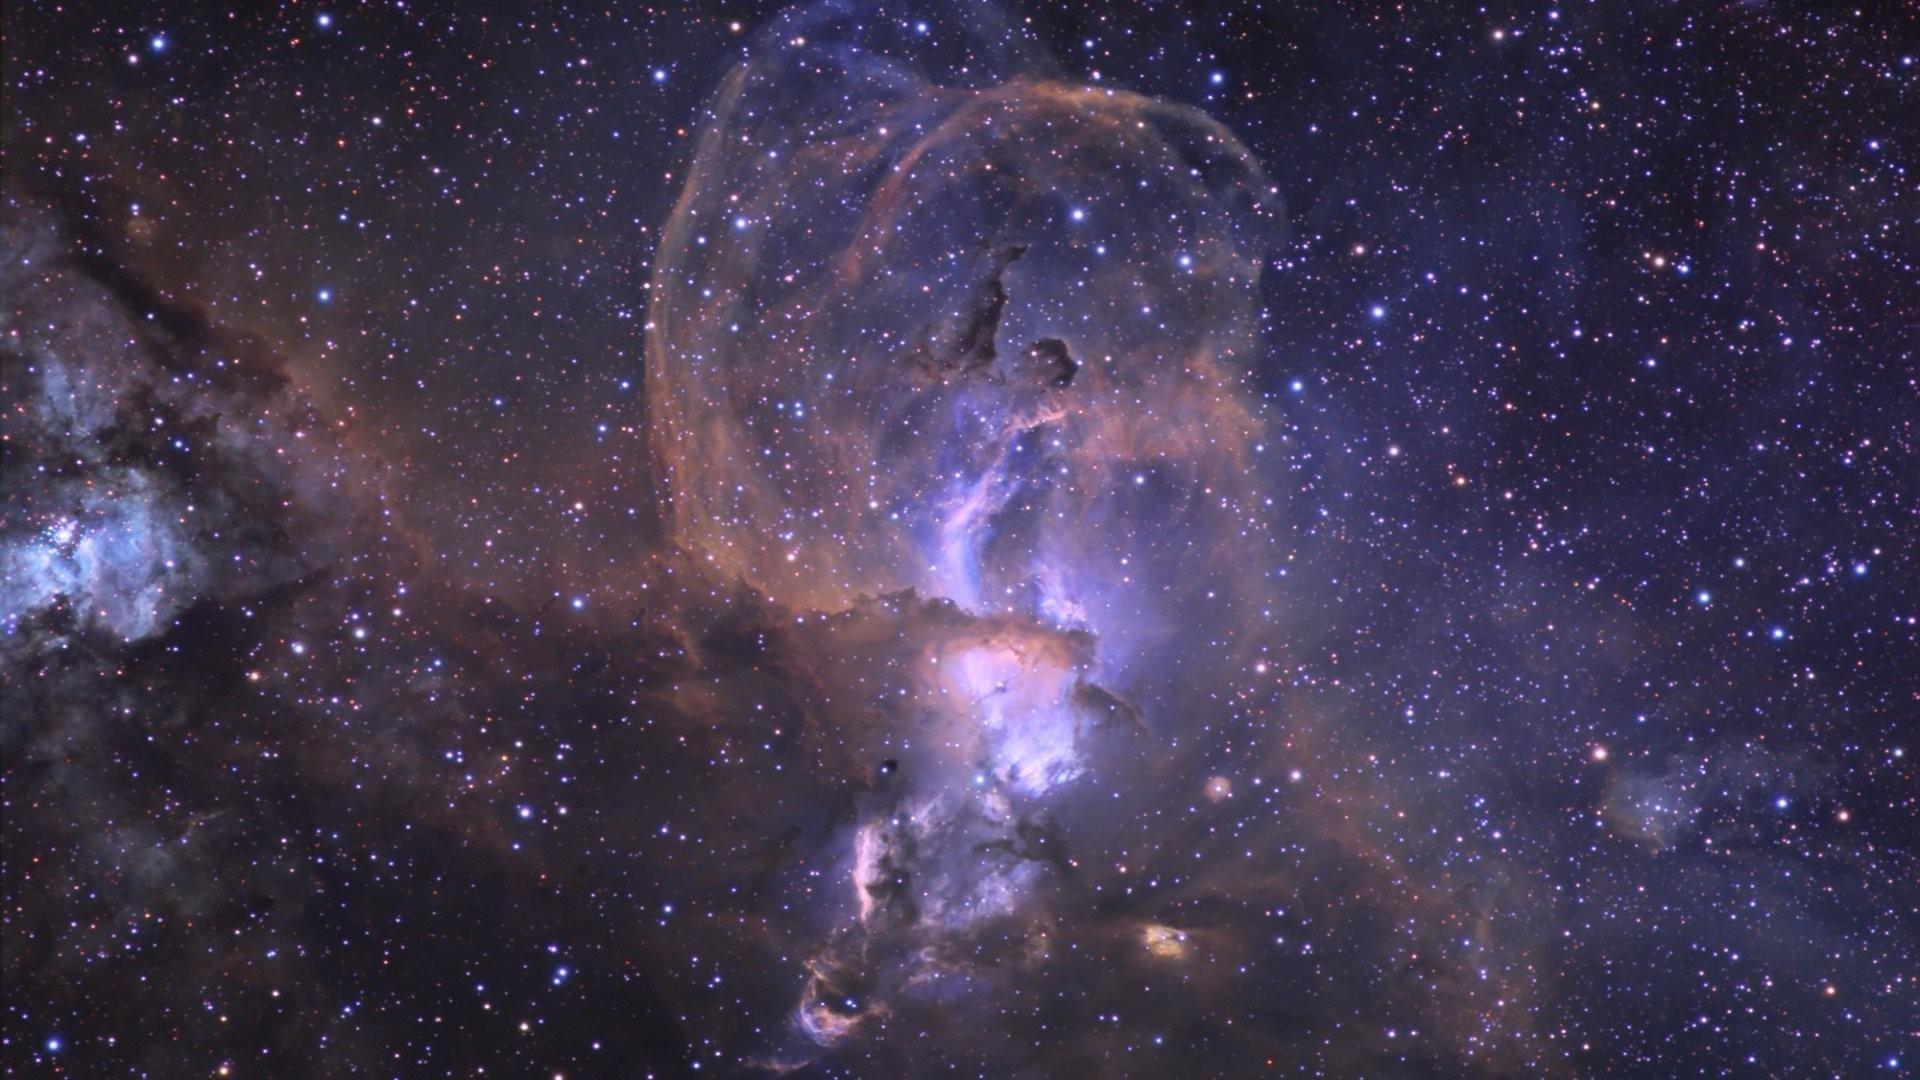 Fonds d'écran Hubble PC et Tablettes (iPad, etc…)